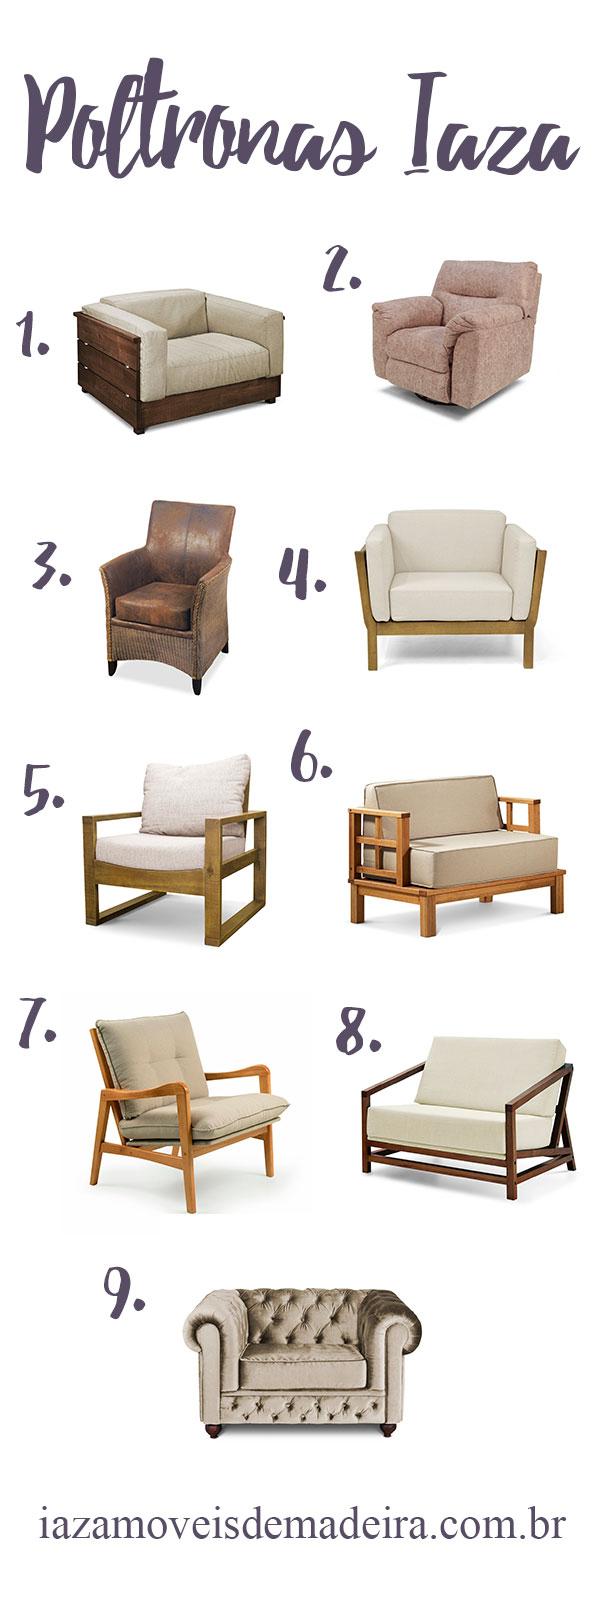 poltronas decorativas blog da iaza móveis